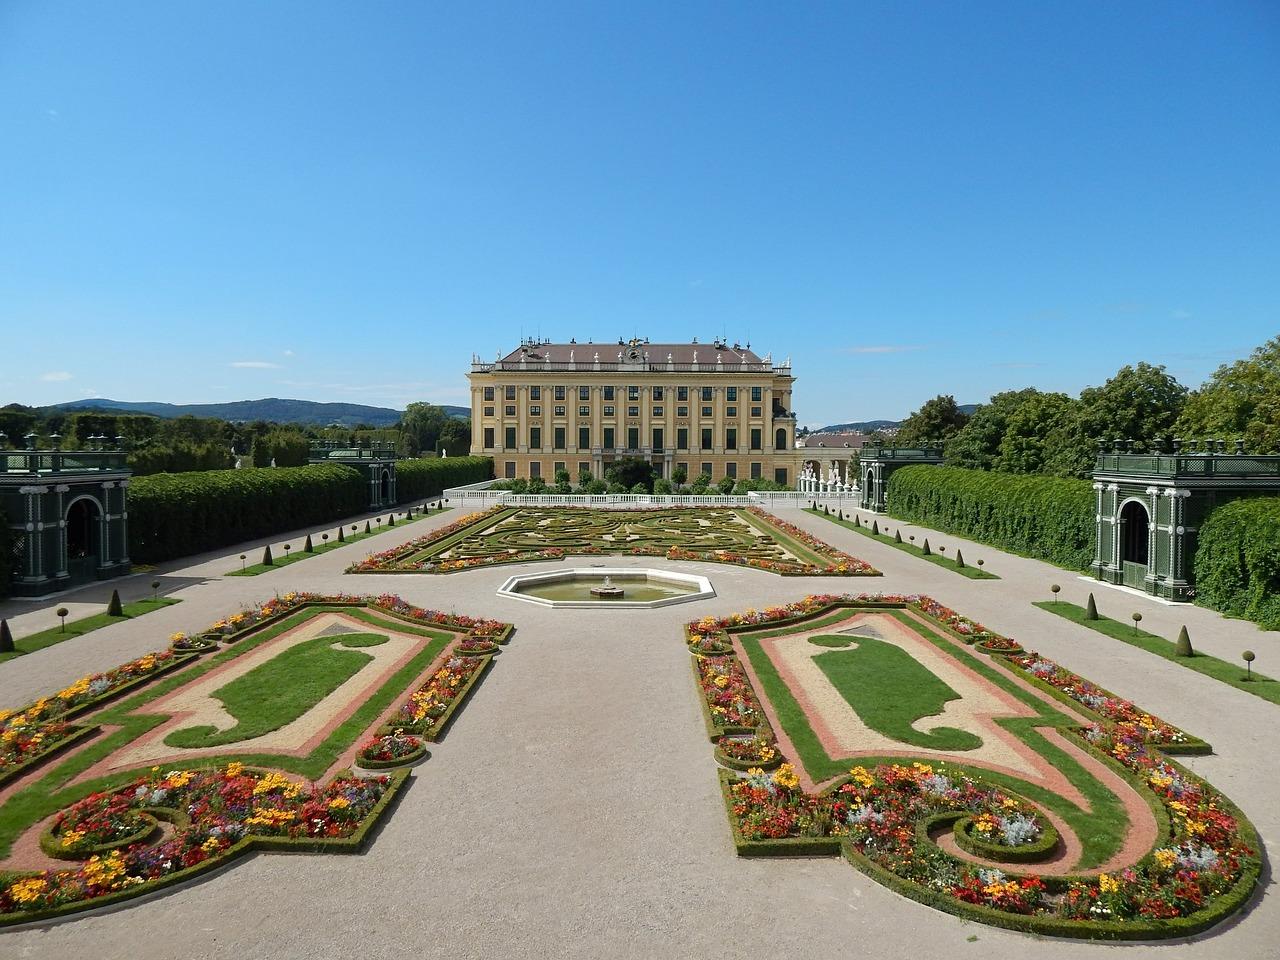 Städtreise Wien - 63,38€ Flug und Hotel für 3 Nächte